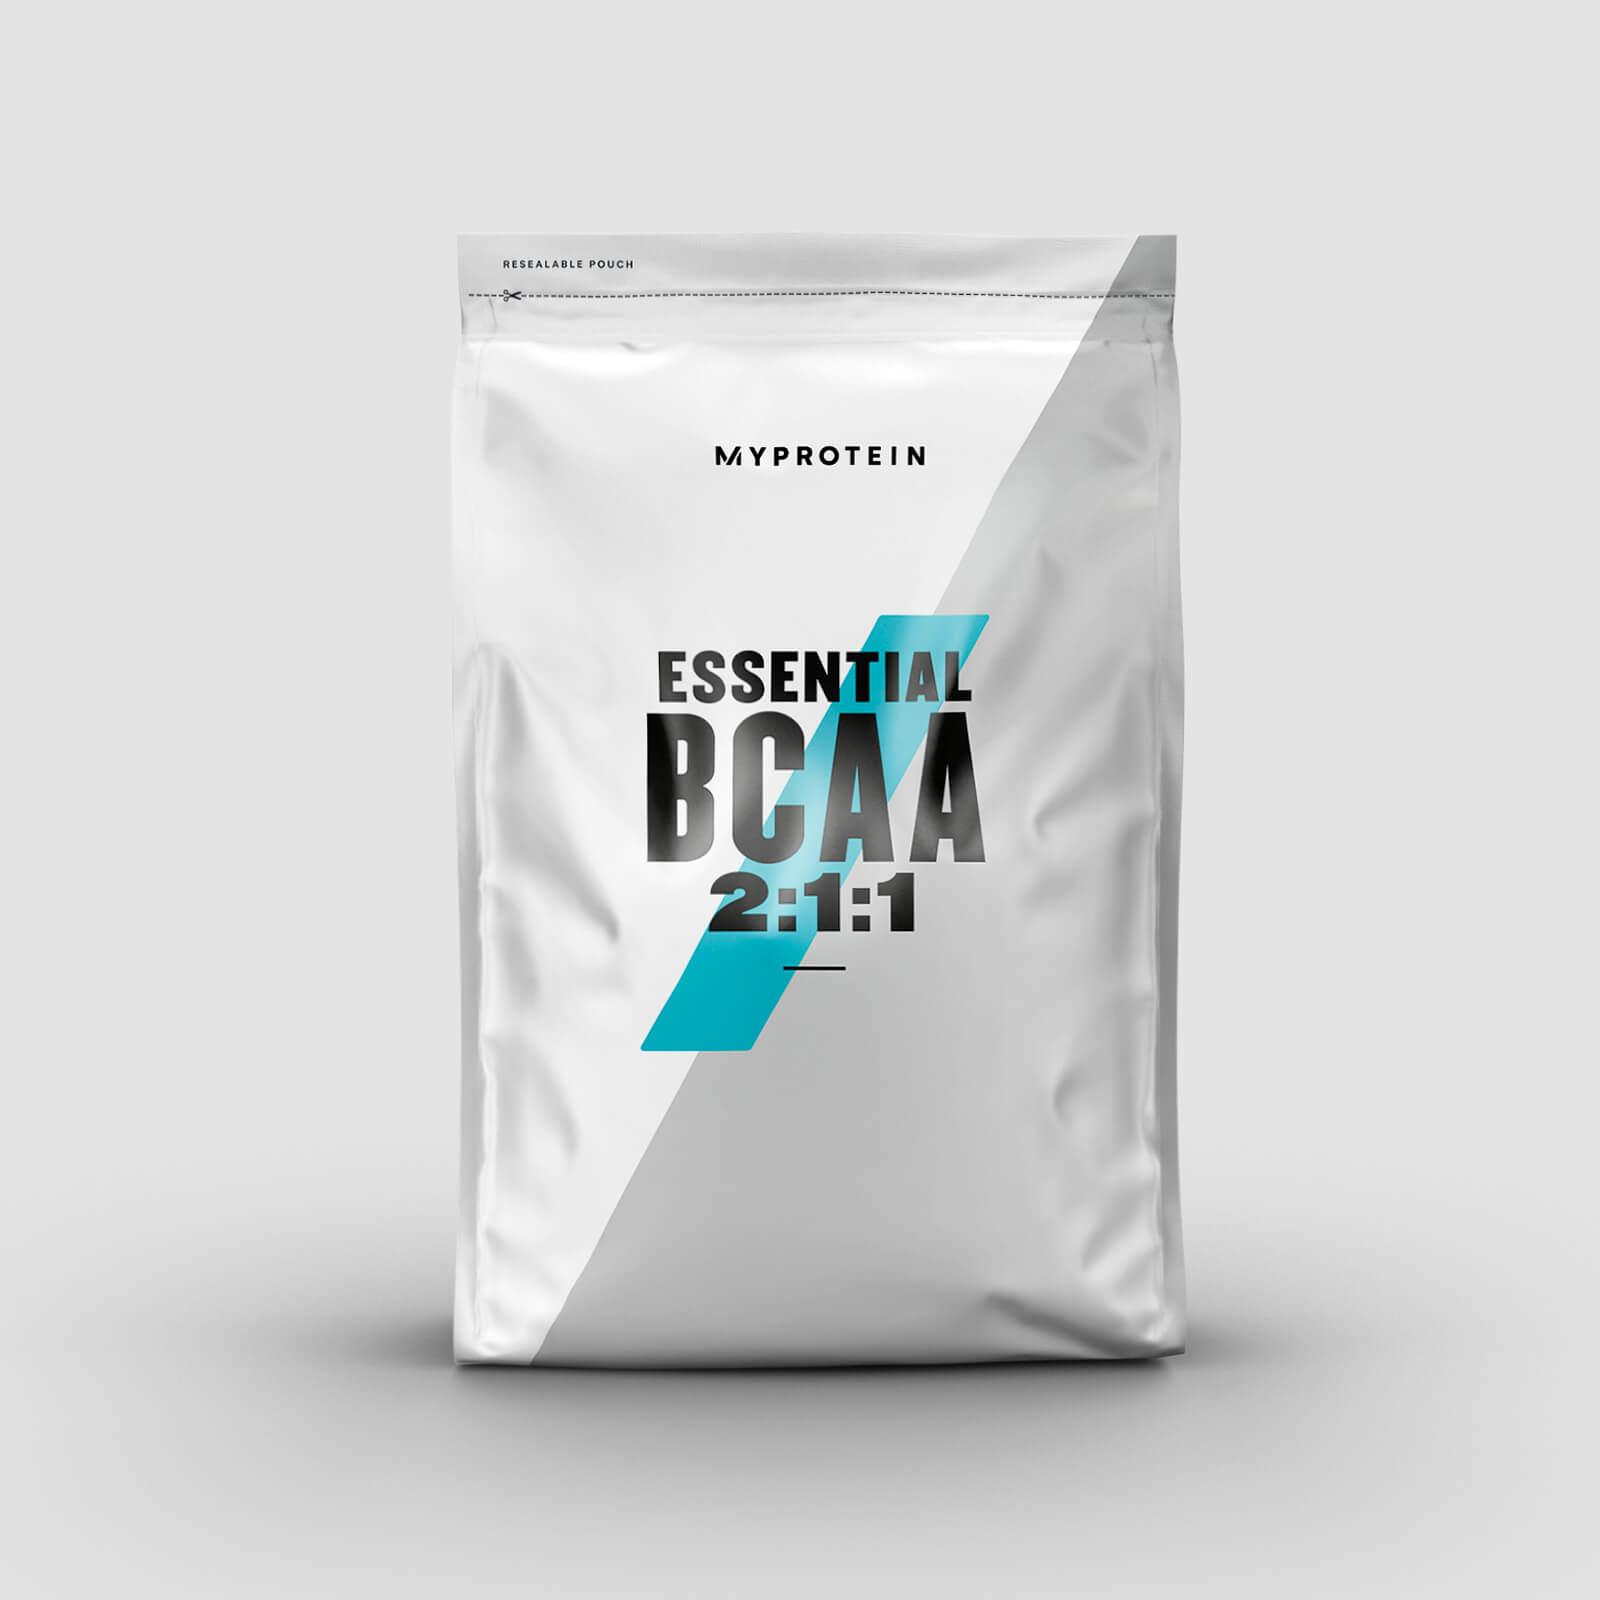 Myprotein Essential BCAA 2:1:1 Powder - 250g - Yuzu